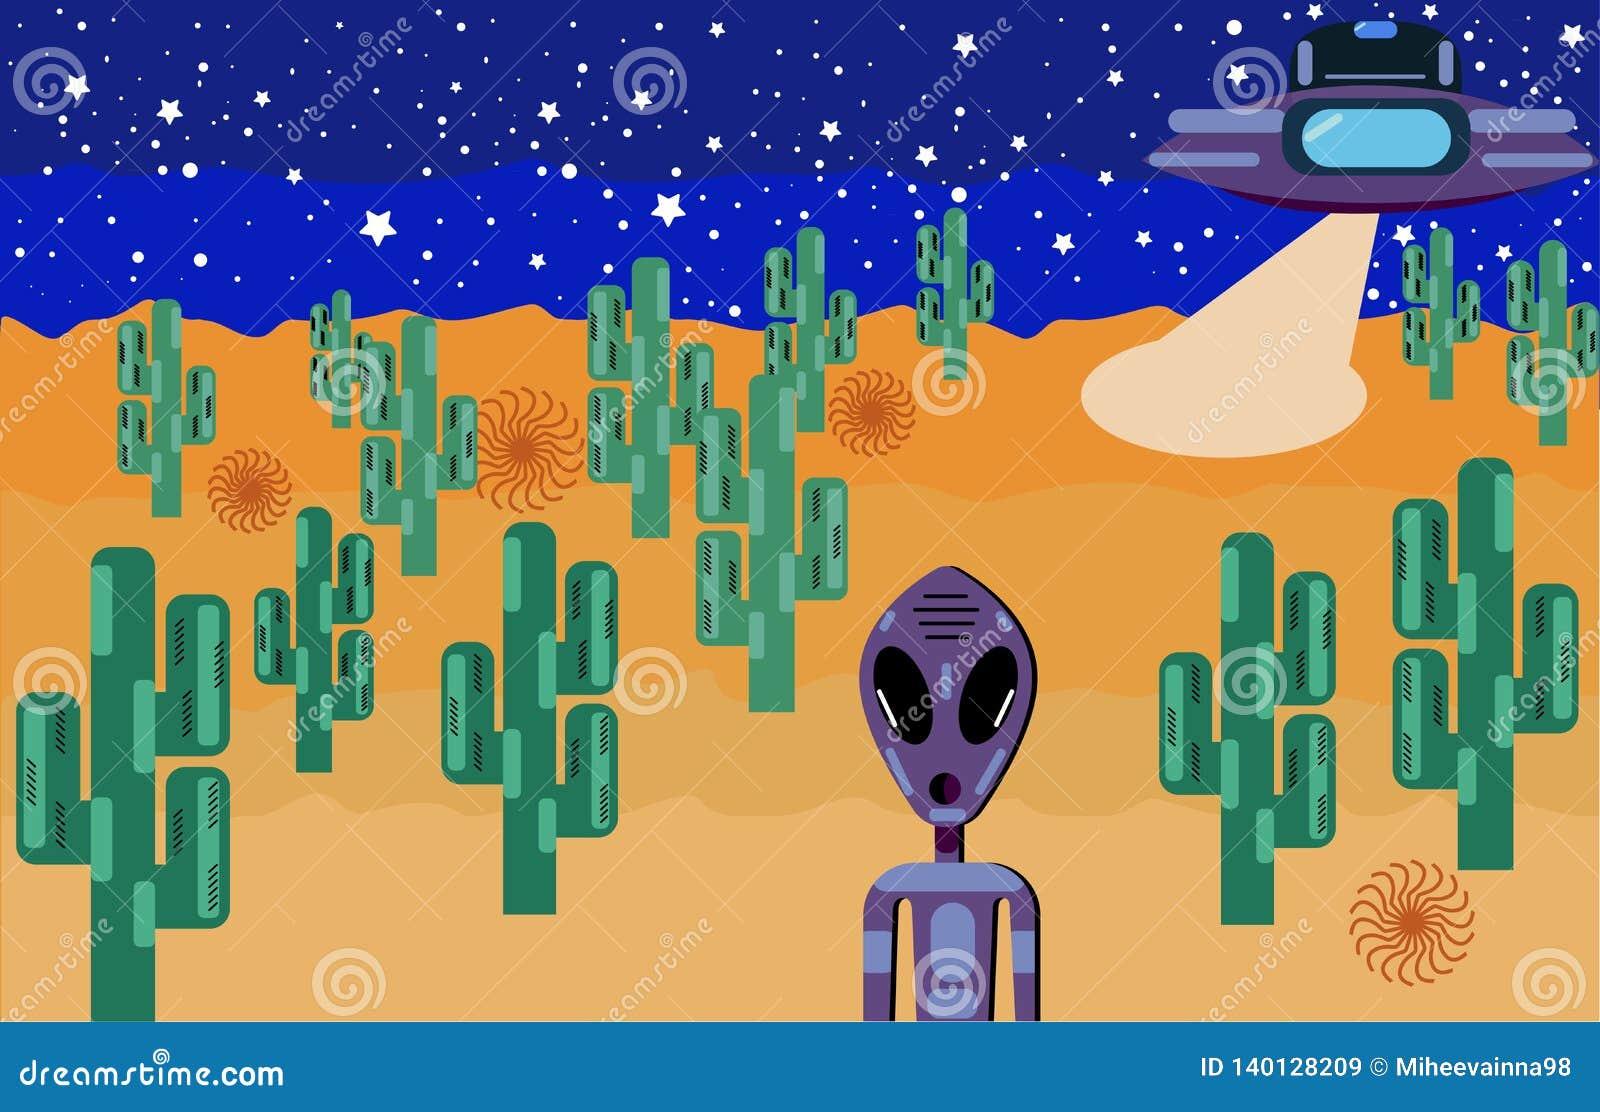 Een vreemdeling met grote ogen landde in de woestijn op een UFO